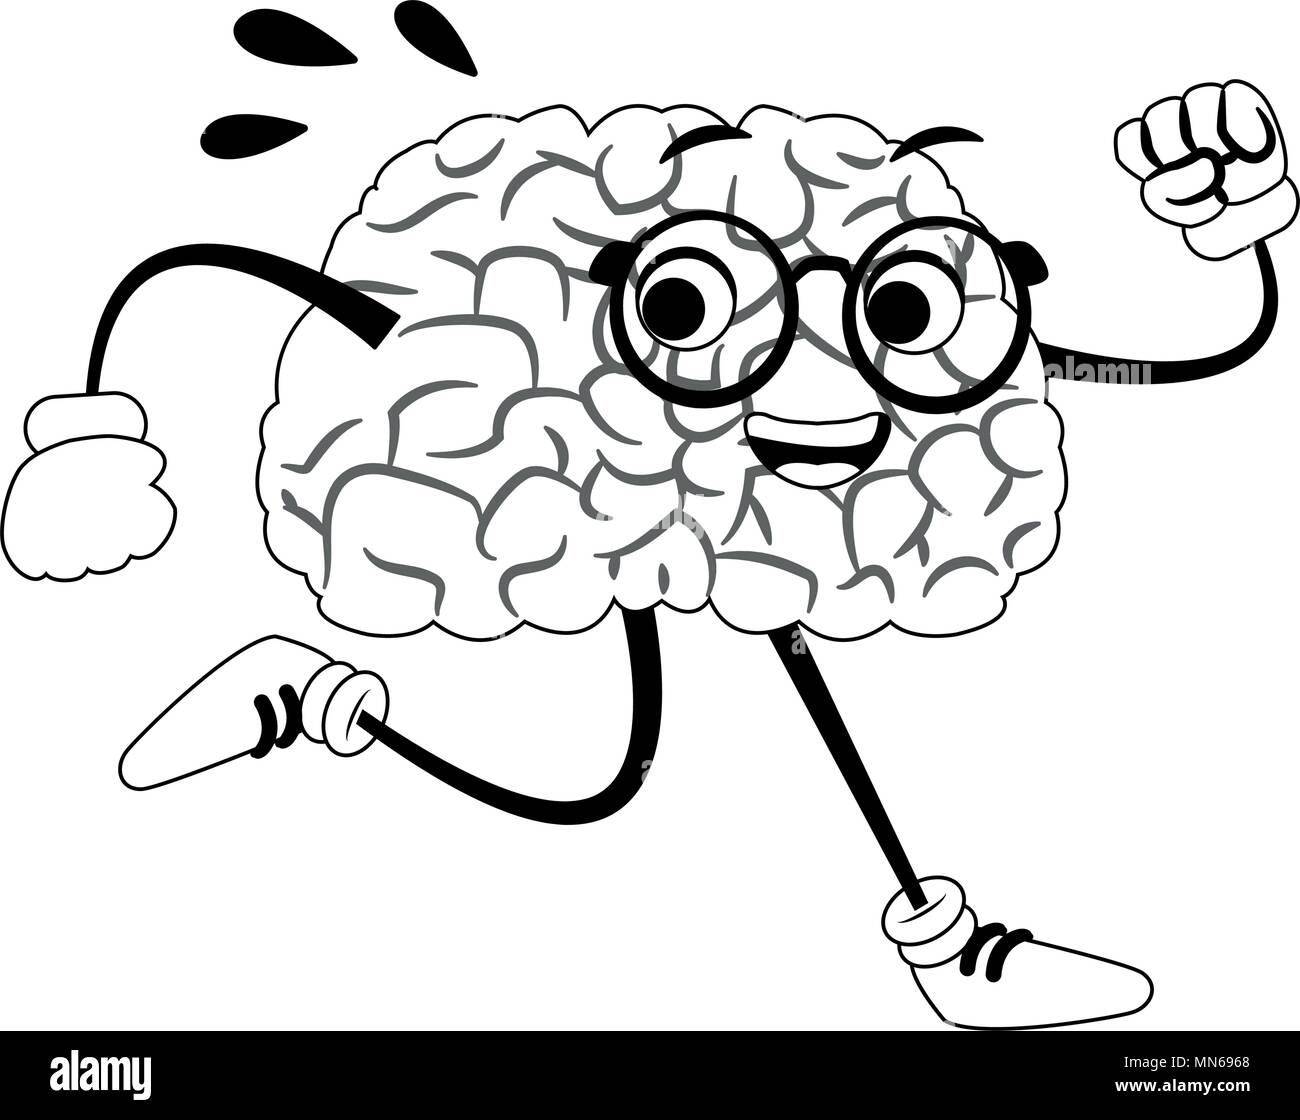 Beste Gehirn Färbung Seite Zeitgenössisch - Druckbare Malvorlagen ...